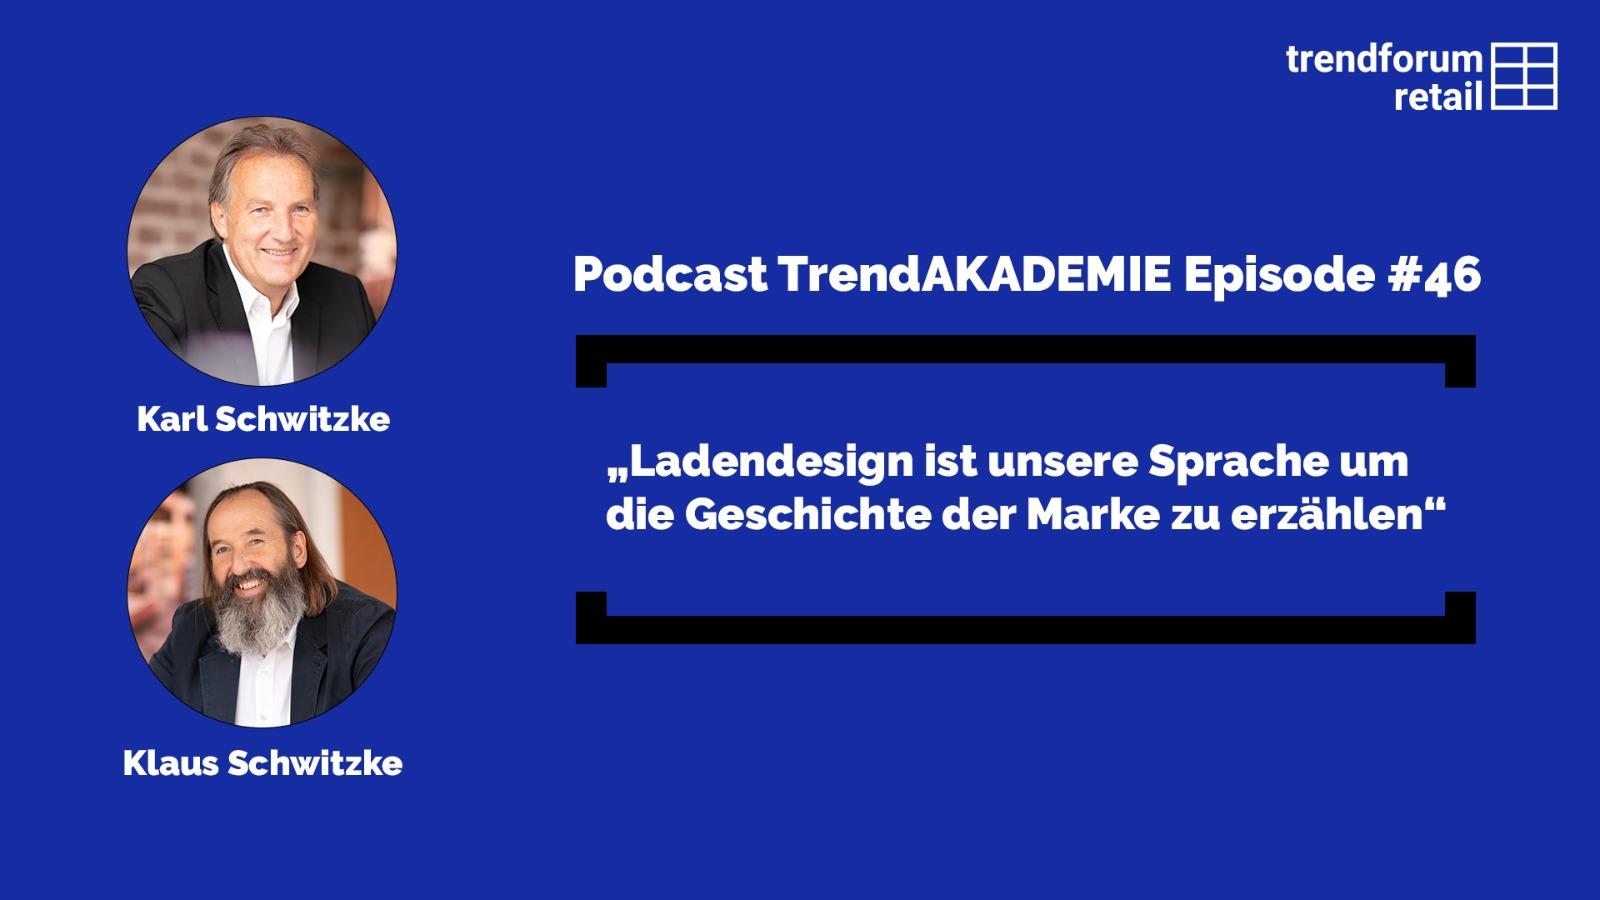 """Podcast TrendAKADEMIE - Episode 46: """"Ladendesign ist unsere Sprache um die Geschichte der Marke zu erzählen"""